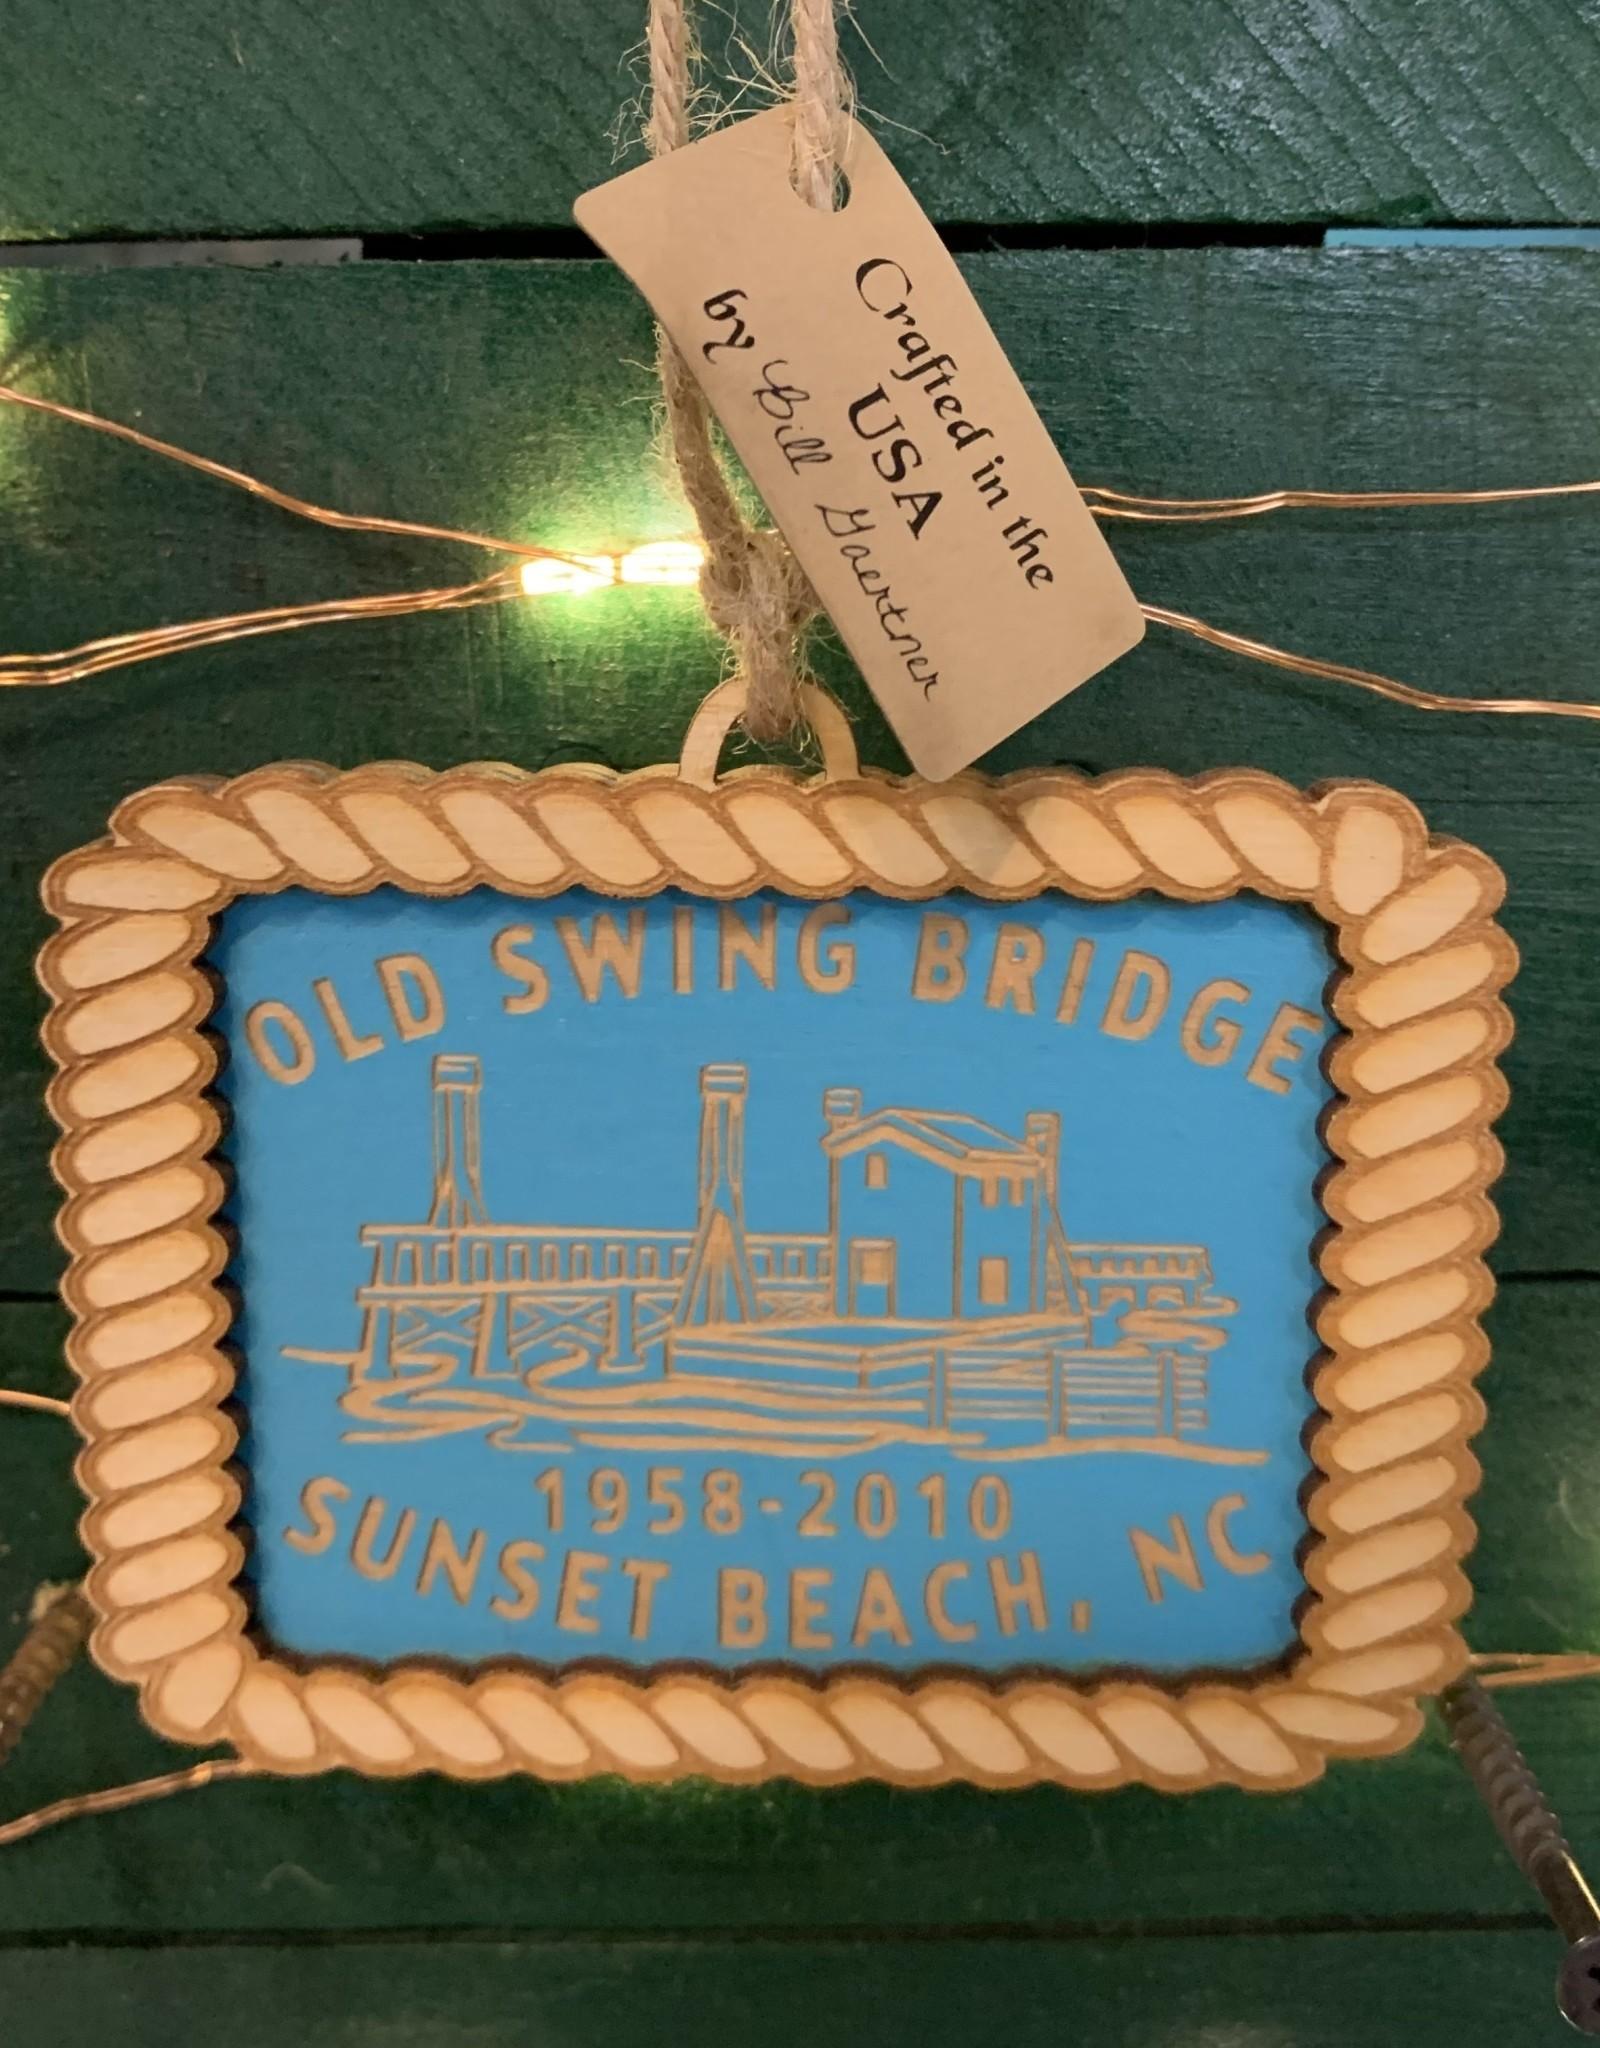 OLD SWING BRIDGE AQUA ORNAMENT